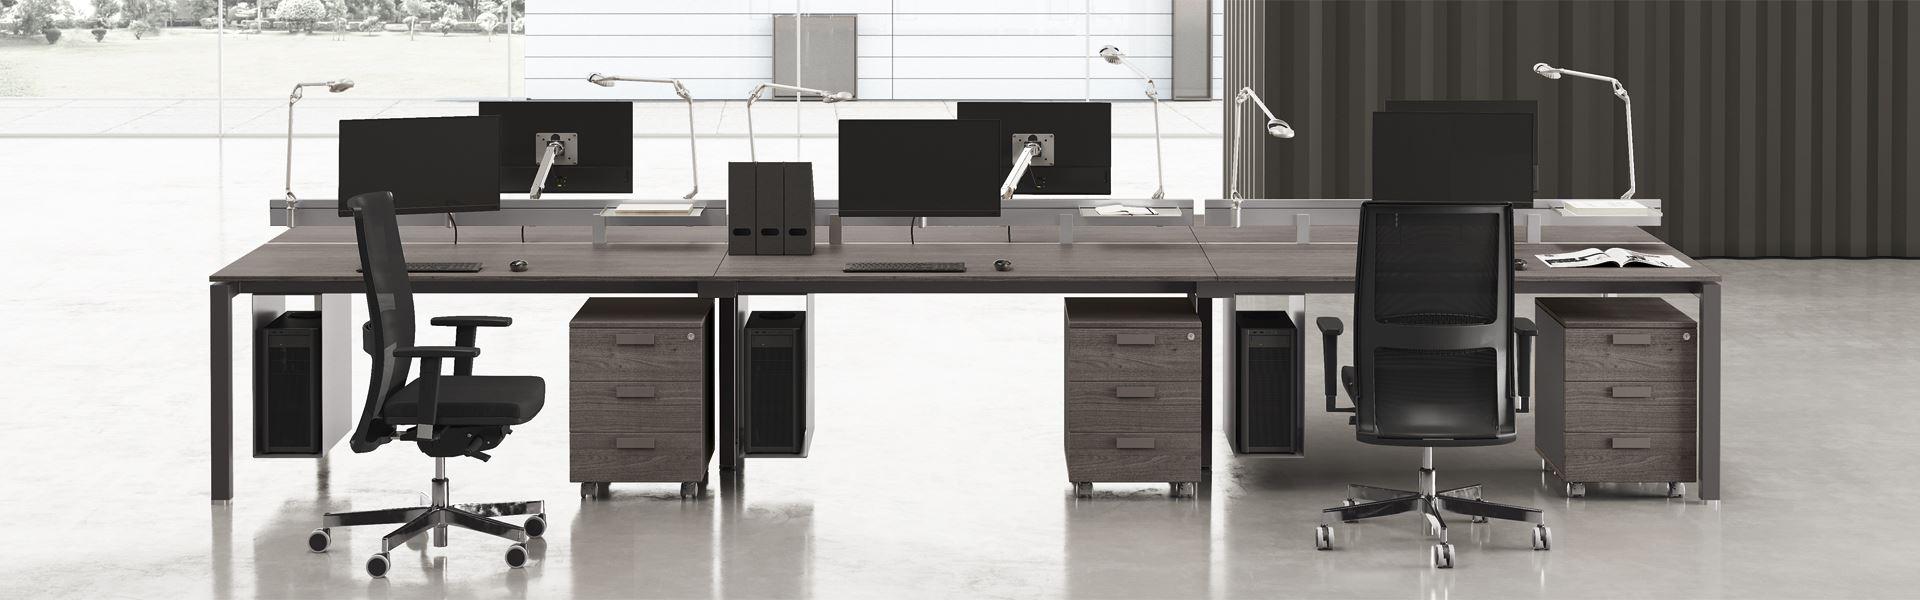 Online Arredamento anche e UfficioVendita Completo Casa sxtQrCBdh